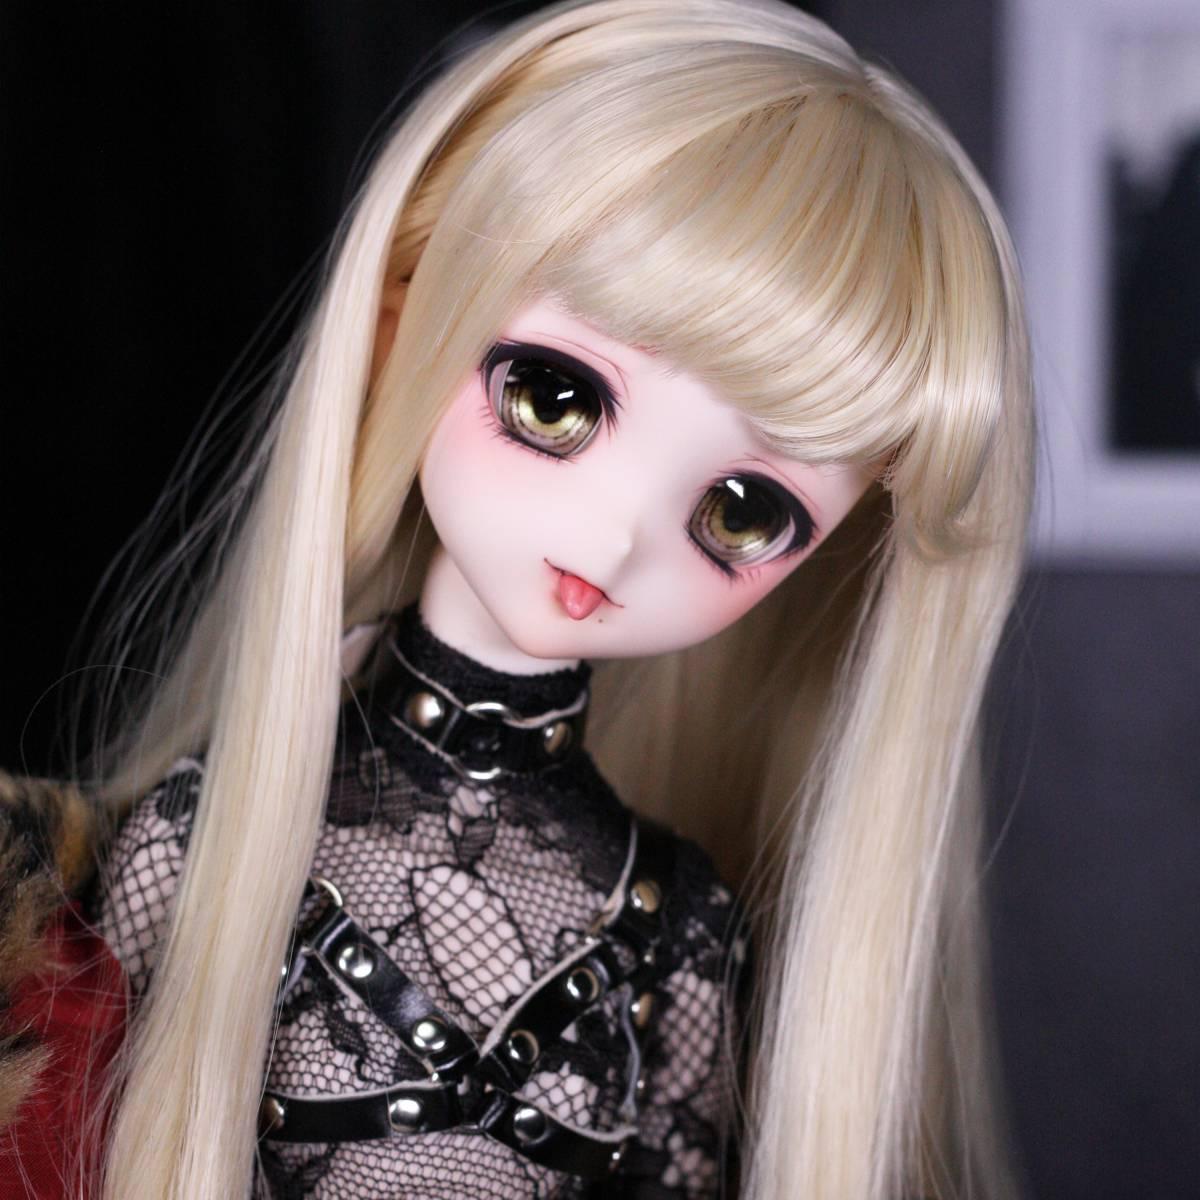 [ぴぴぴ]DDH-10(セミホワイト肌)カスタムヘッド+舌パーツ+アイ+ウィッグ+MDD用衣装セット